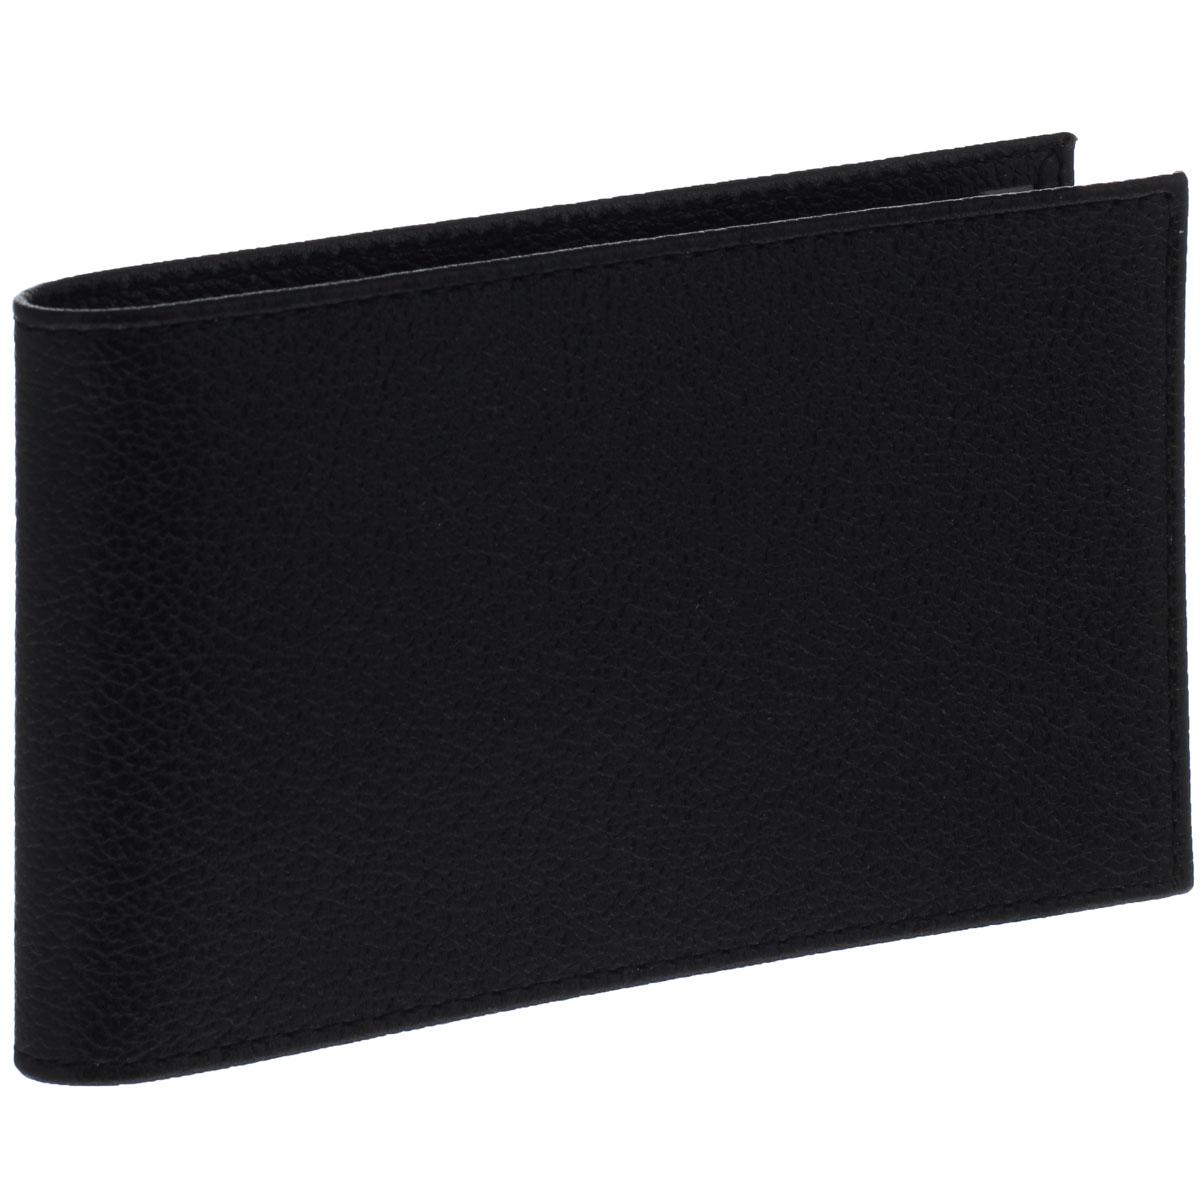 Визитница горизонтальная Askent, цвет: черный. V.1.LG392678Горизонтальная визитница Askent изготовлена из натуральной кожи и исполнена в лаконичном стиле. Внутри содержится съемный блок из прозрачного мягкого пластика на 20 визиток, а также 2 удобных боковых кармана. Изделие упаковано в фирменную коробку.Стильная визитница подчеркнет вашу индивидуальность и изысканный вкус, а также станет замечательным подарком человеку, ценящему качественные и практичные вещи.